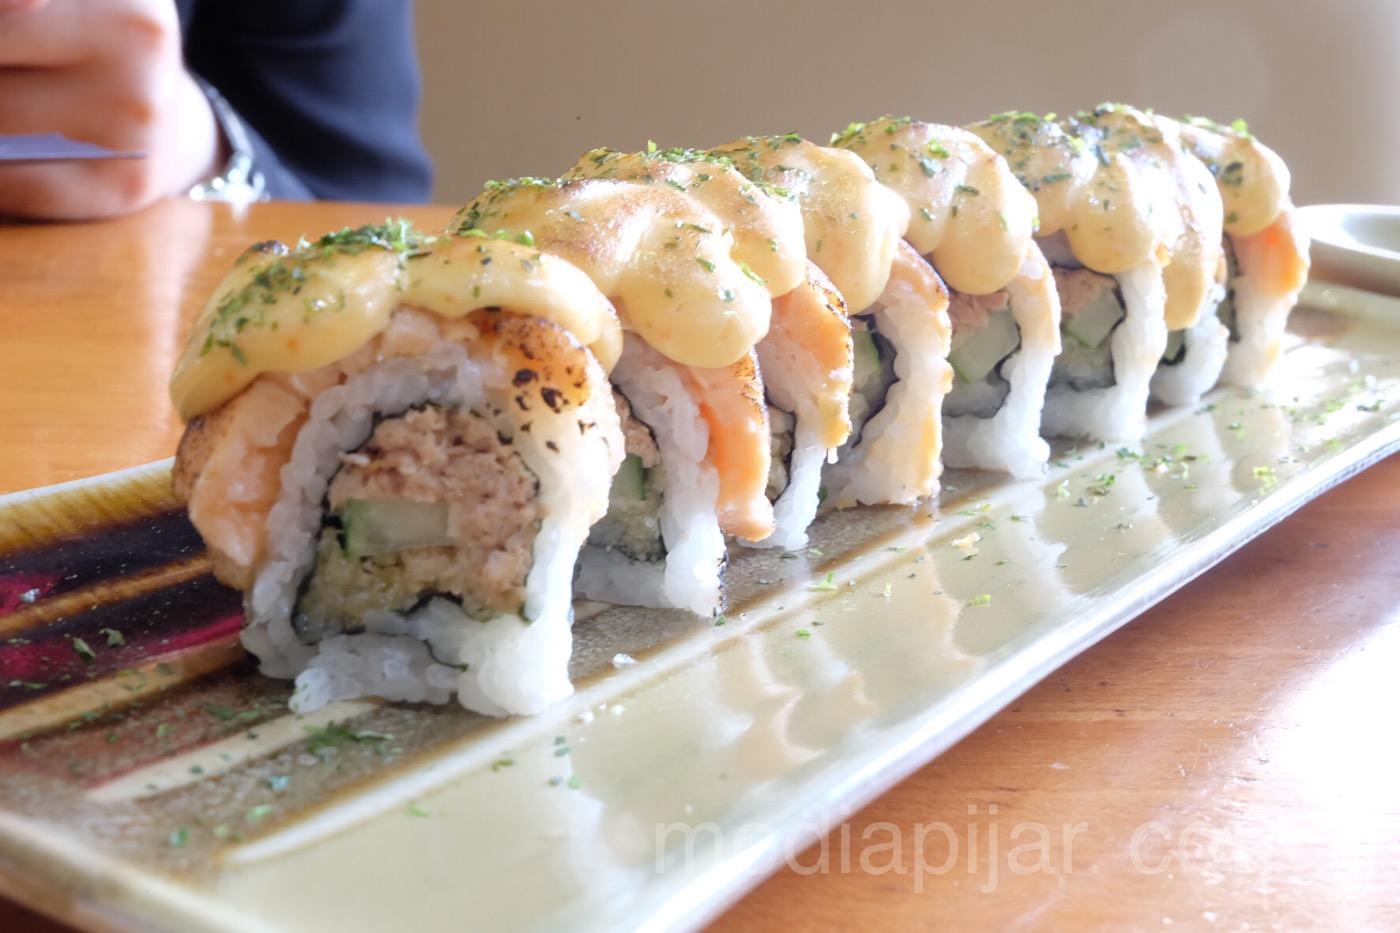 Gumpalan nasi yang berisi aneka ragam seafood. (Fotografer: Putri Arum Marzura)